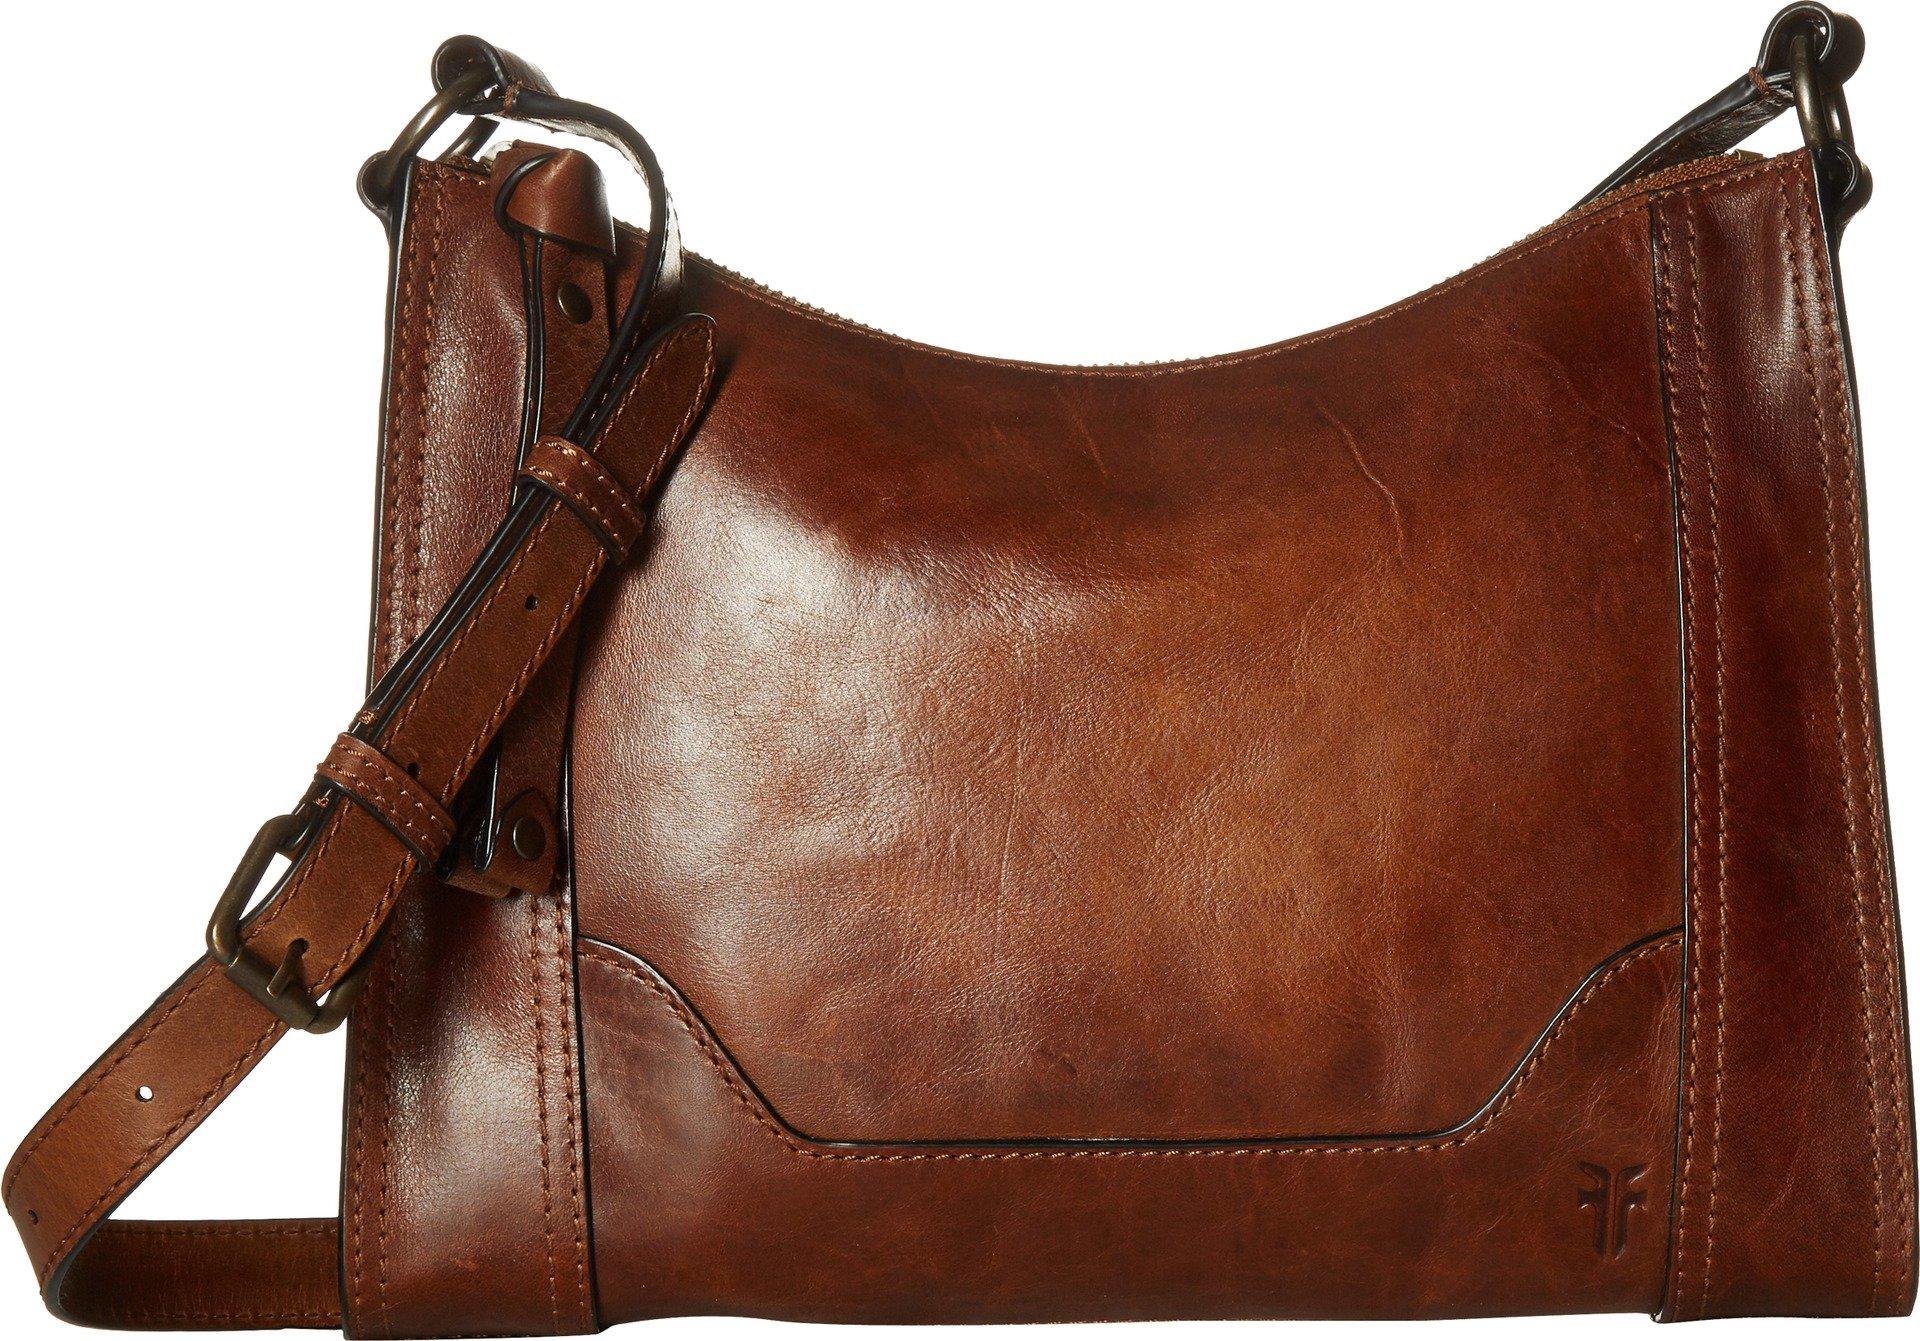 FRYE Melissa Zip Leather Crossbody Bag, Cognac